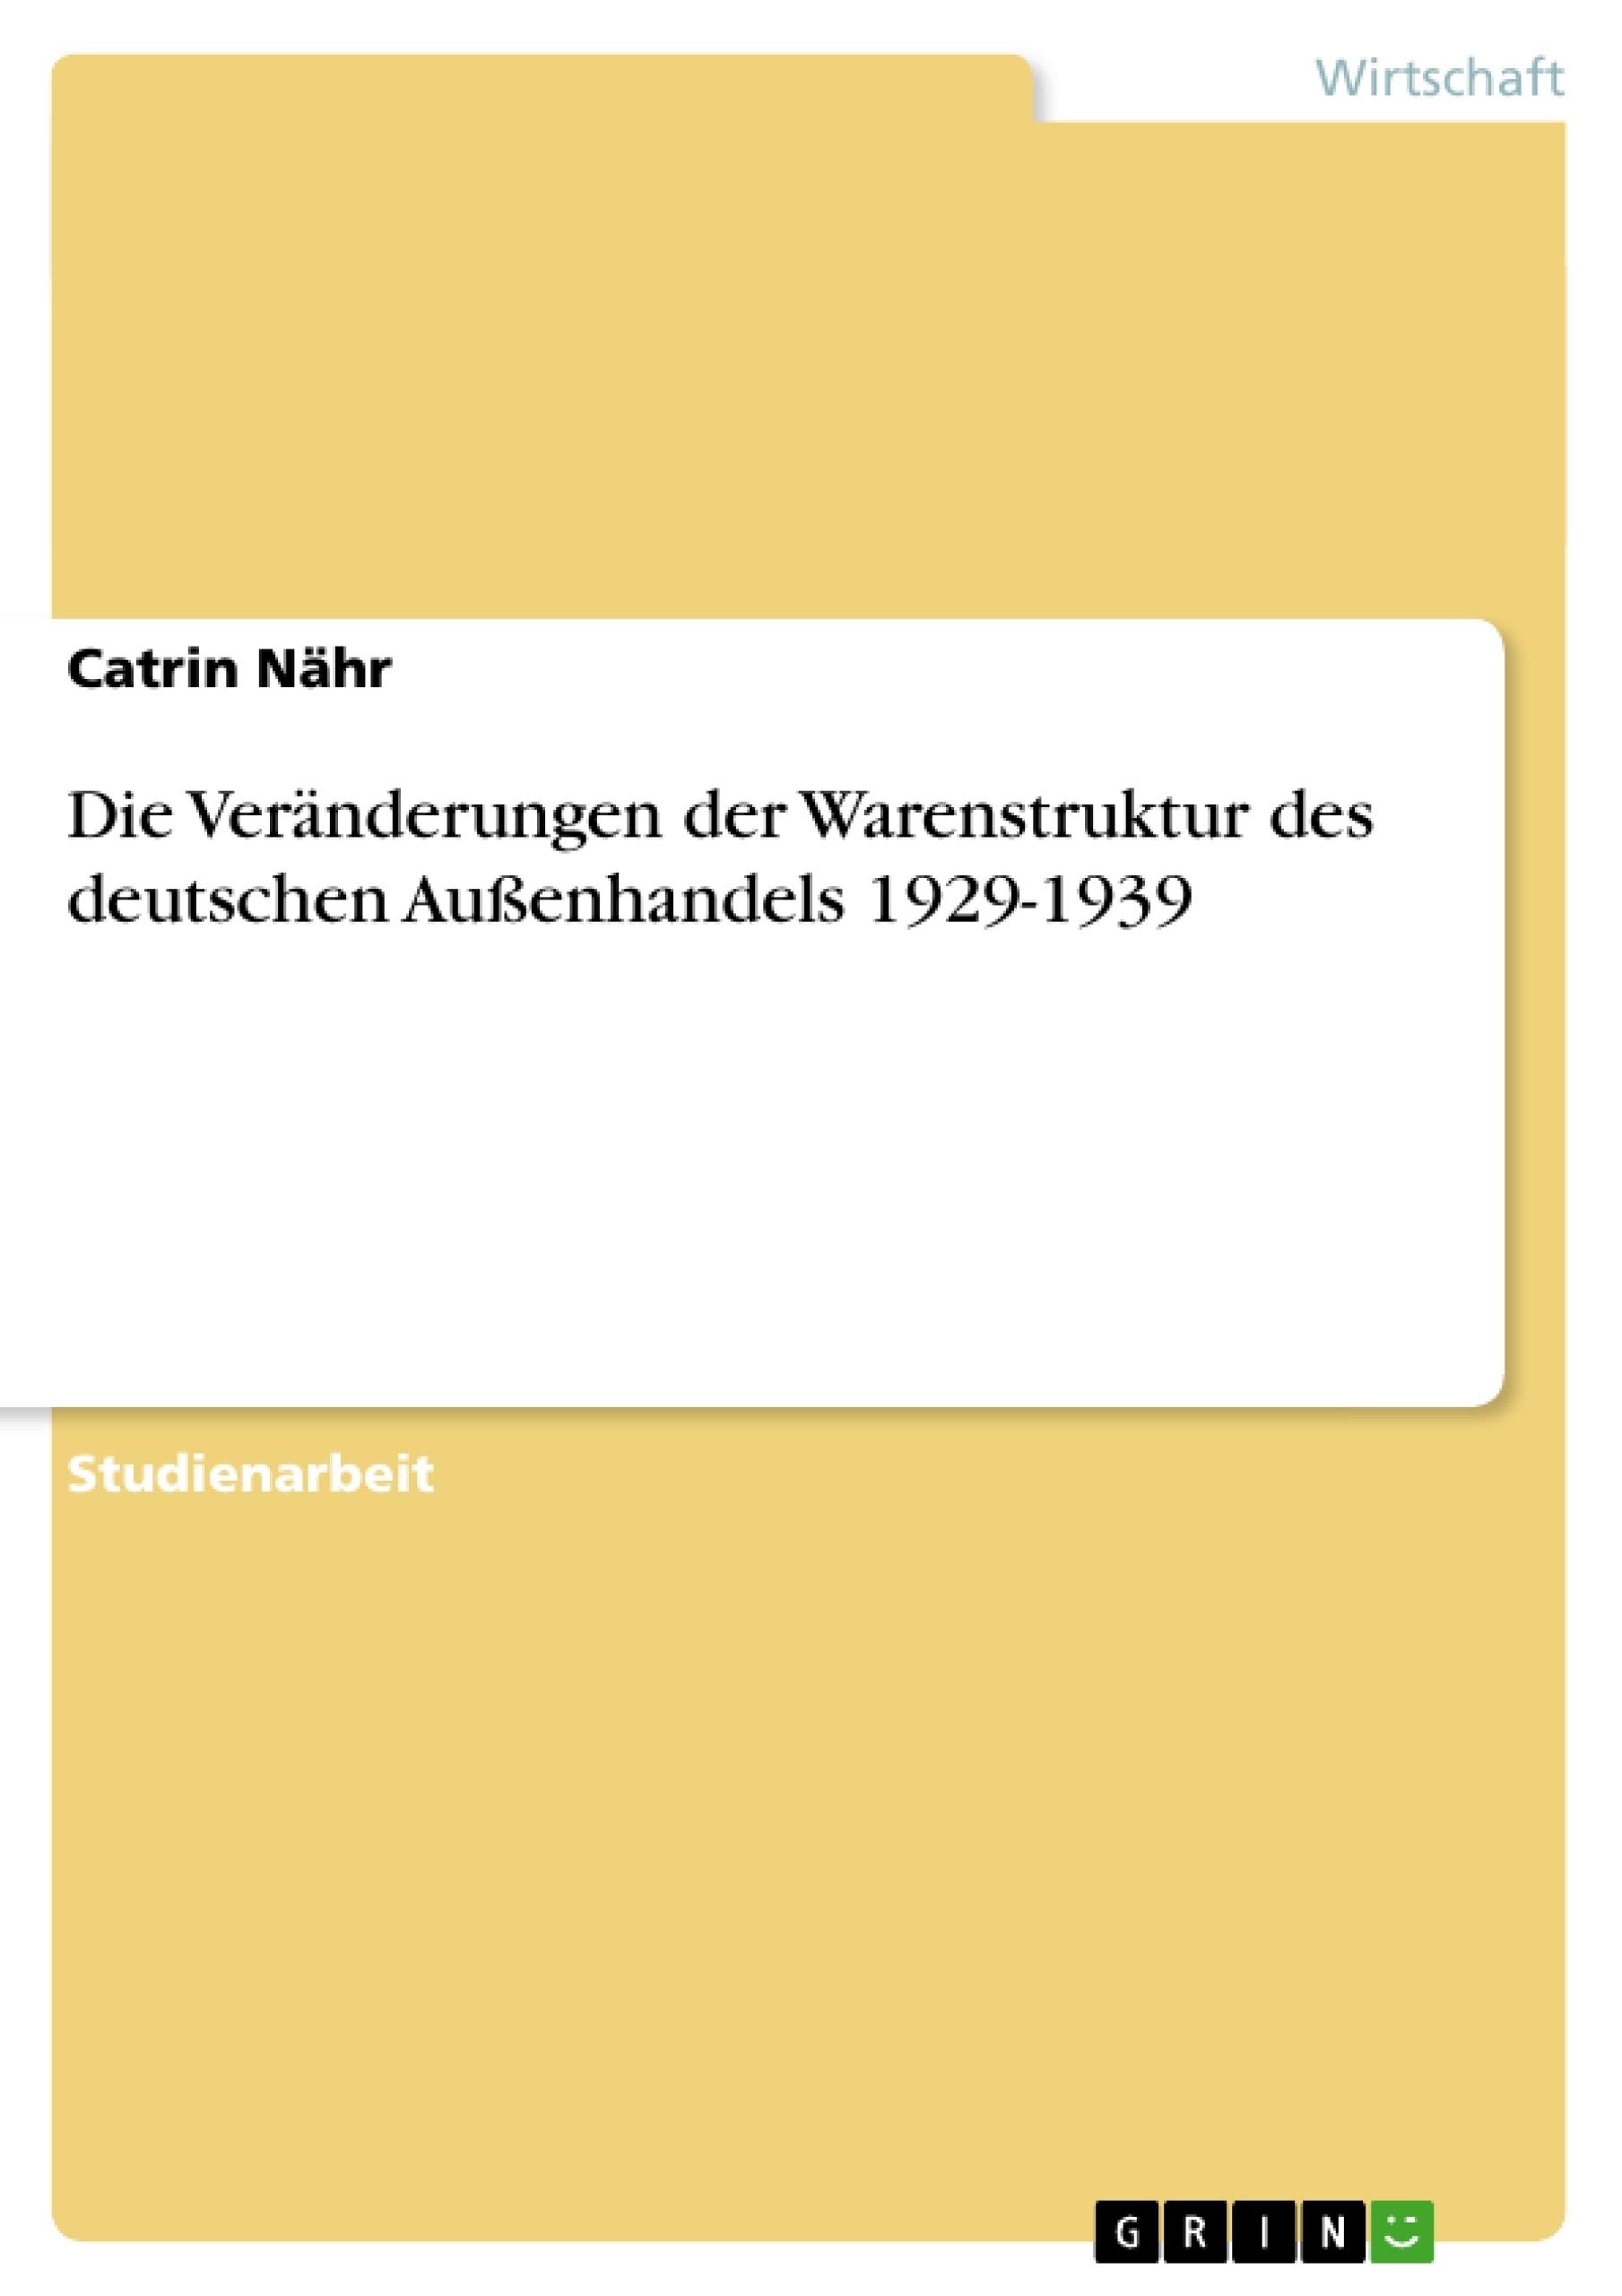 Titel: Die Veränderungen der Warenstruktur des deutschen Außenhandels 1929-1939